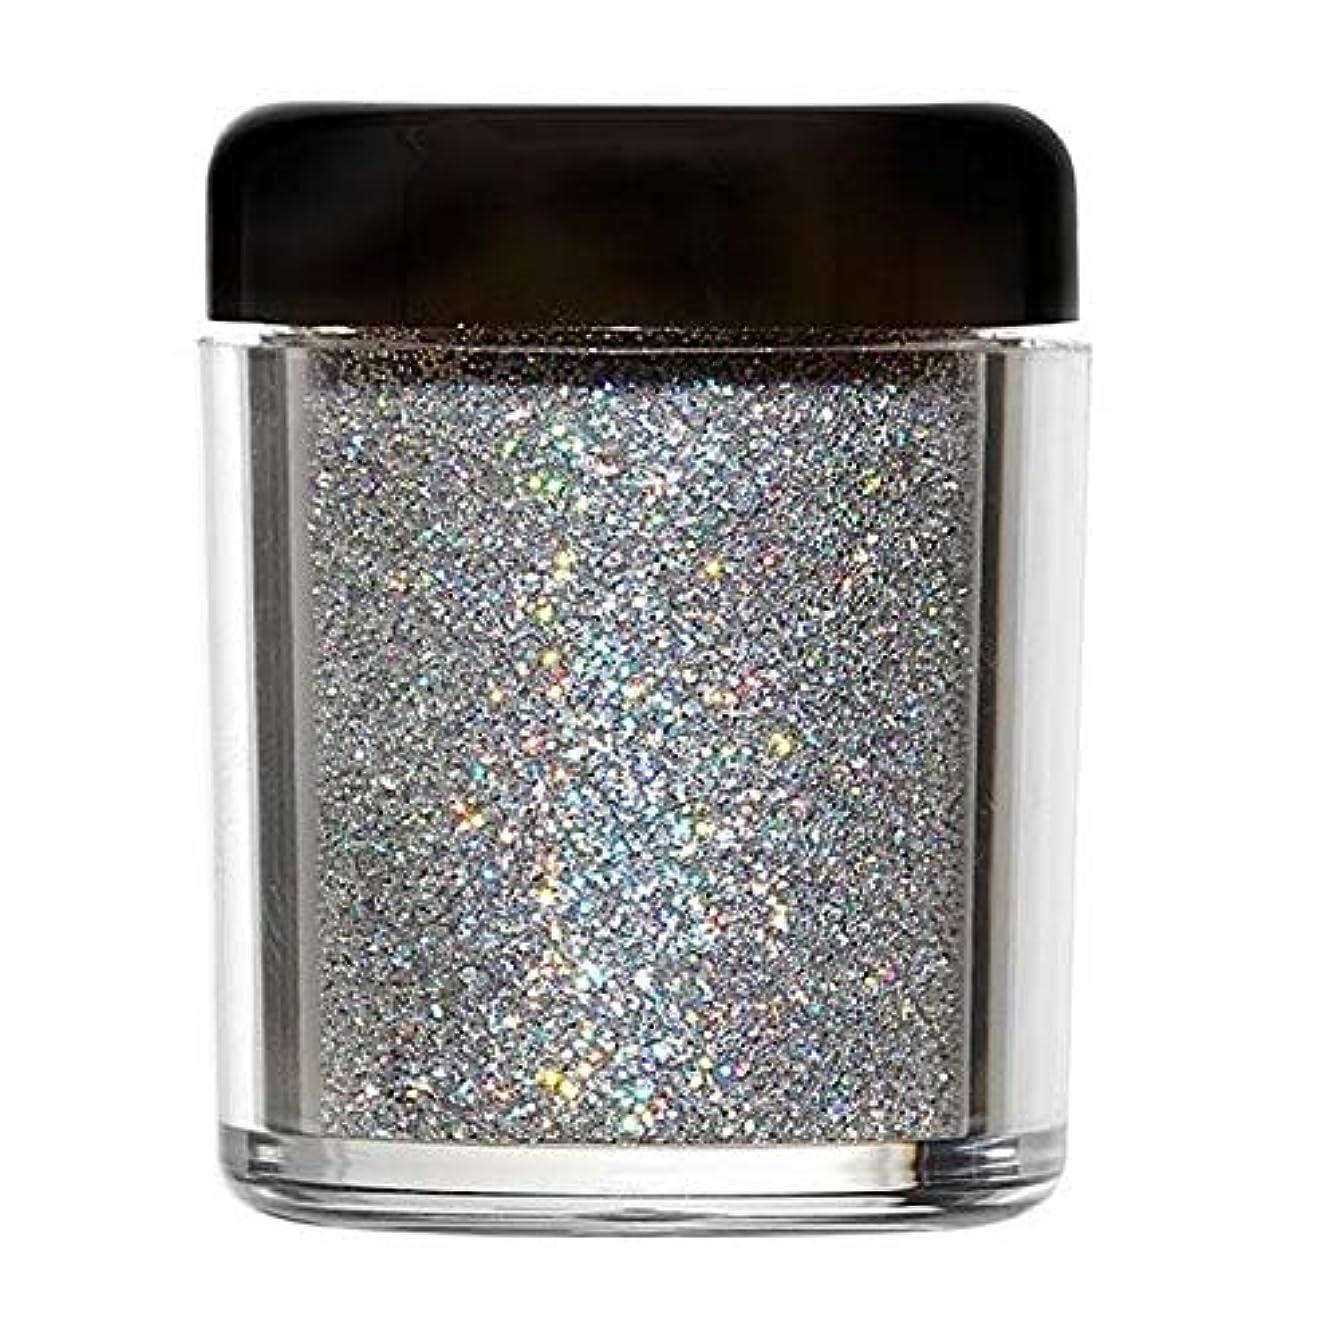 コレクション失速寝る[Barry M ] バリーメートルのグリッターラッシュボディの輝き - ムーンストーン - Barry M Glitter Rush Body Glitter - Moonstone [並行輸入品]